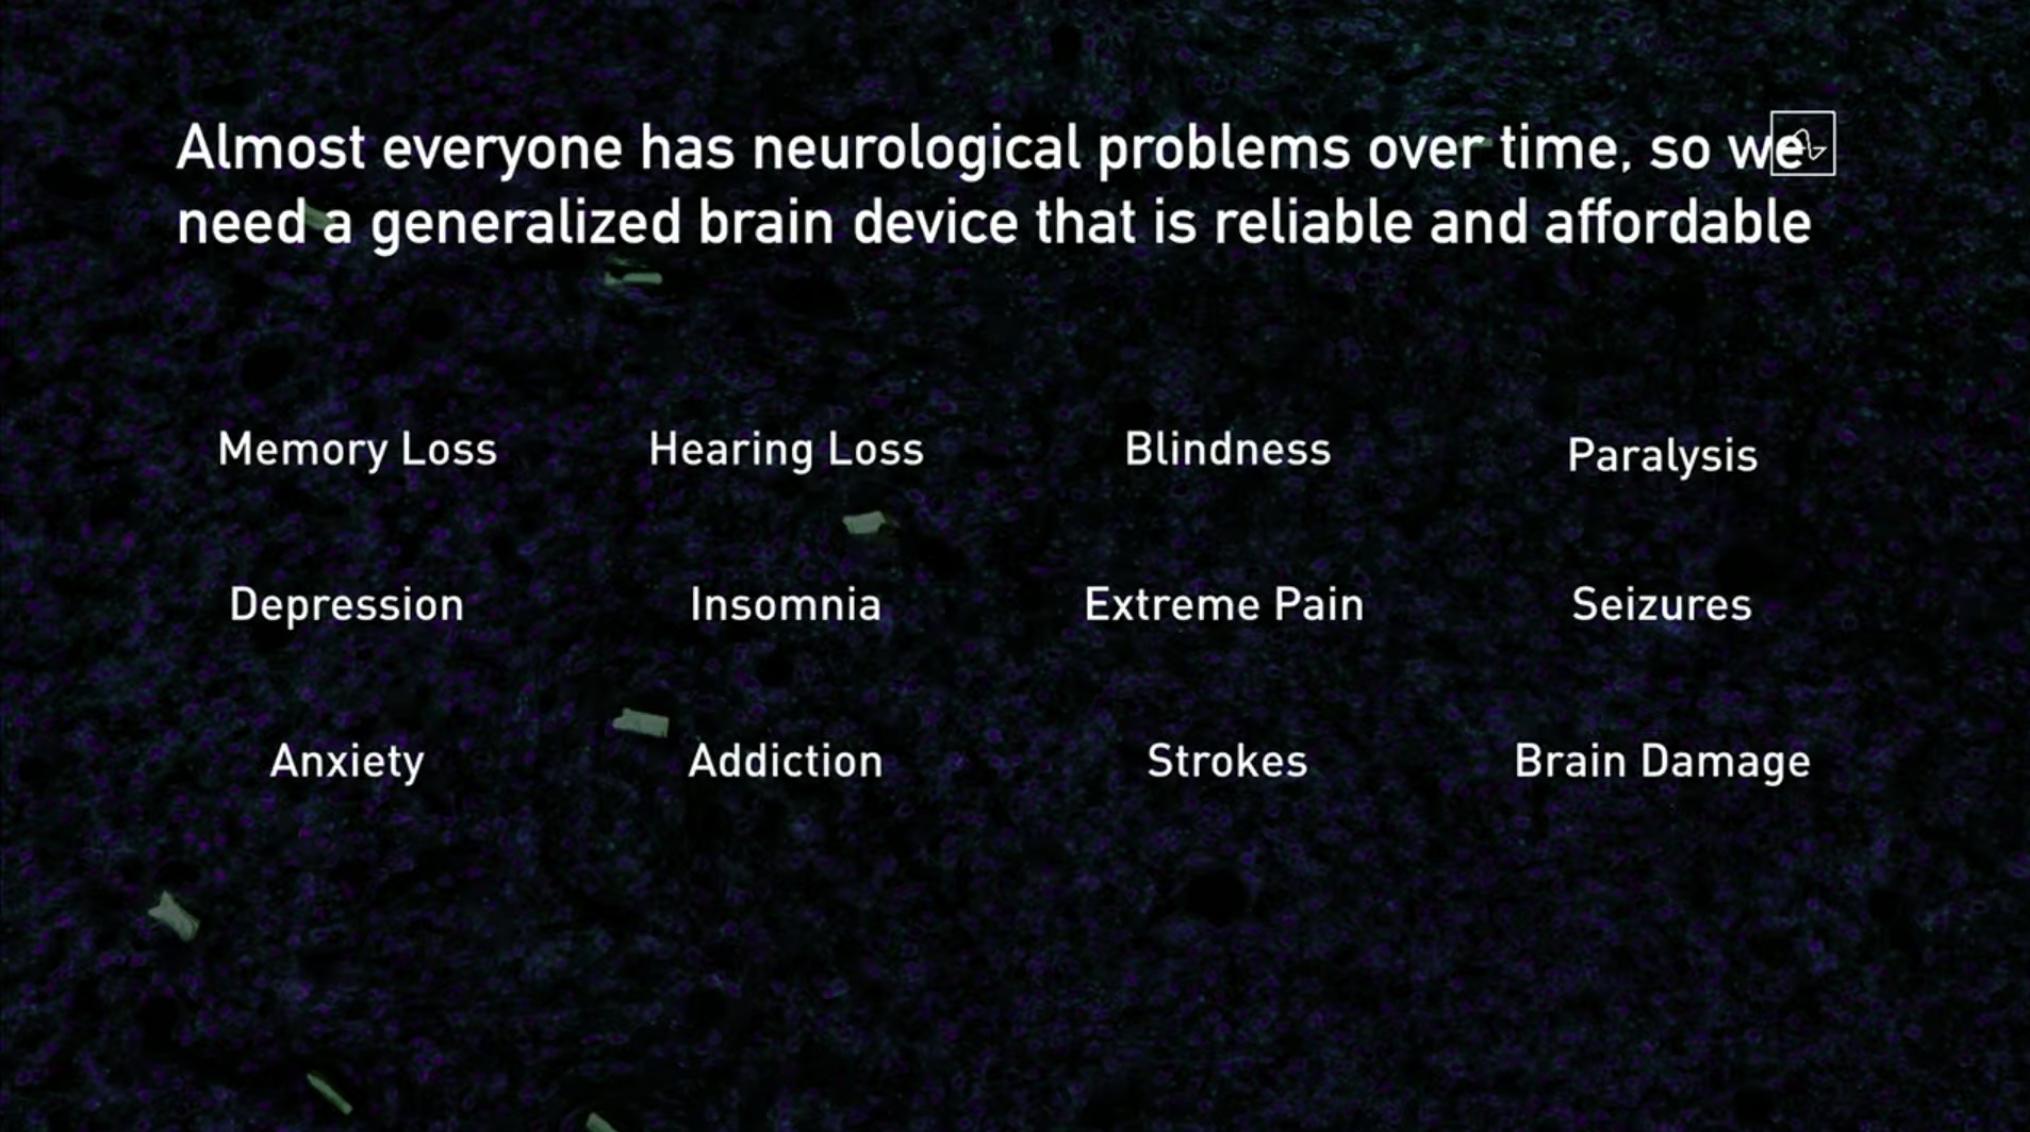 neuralink-diseases-list